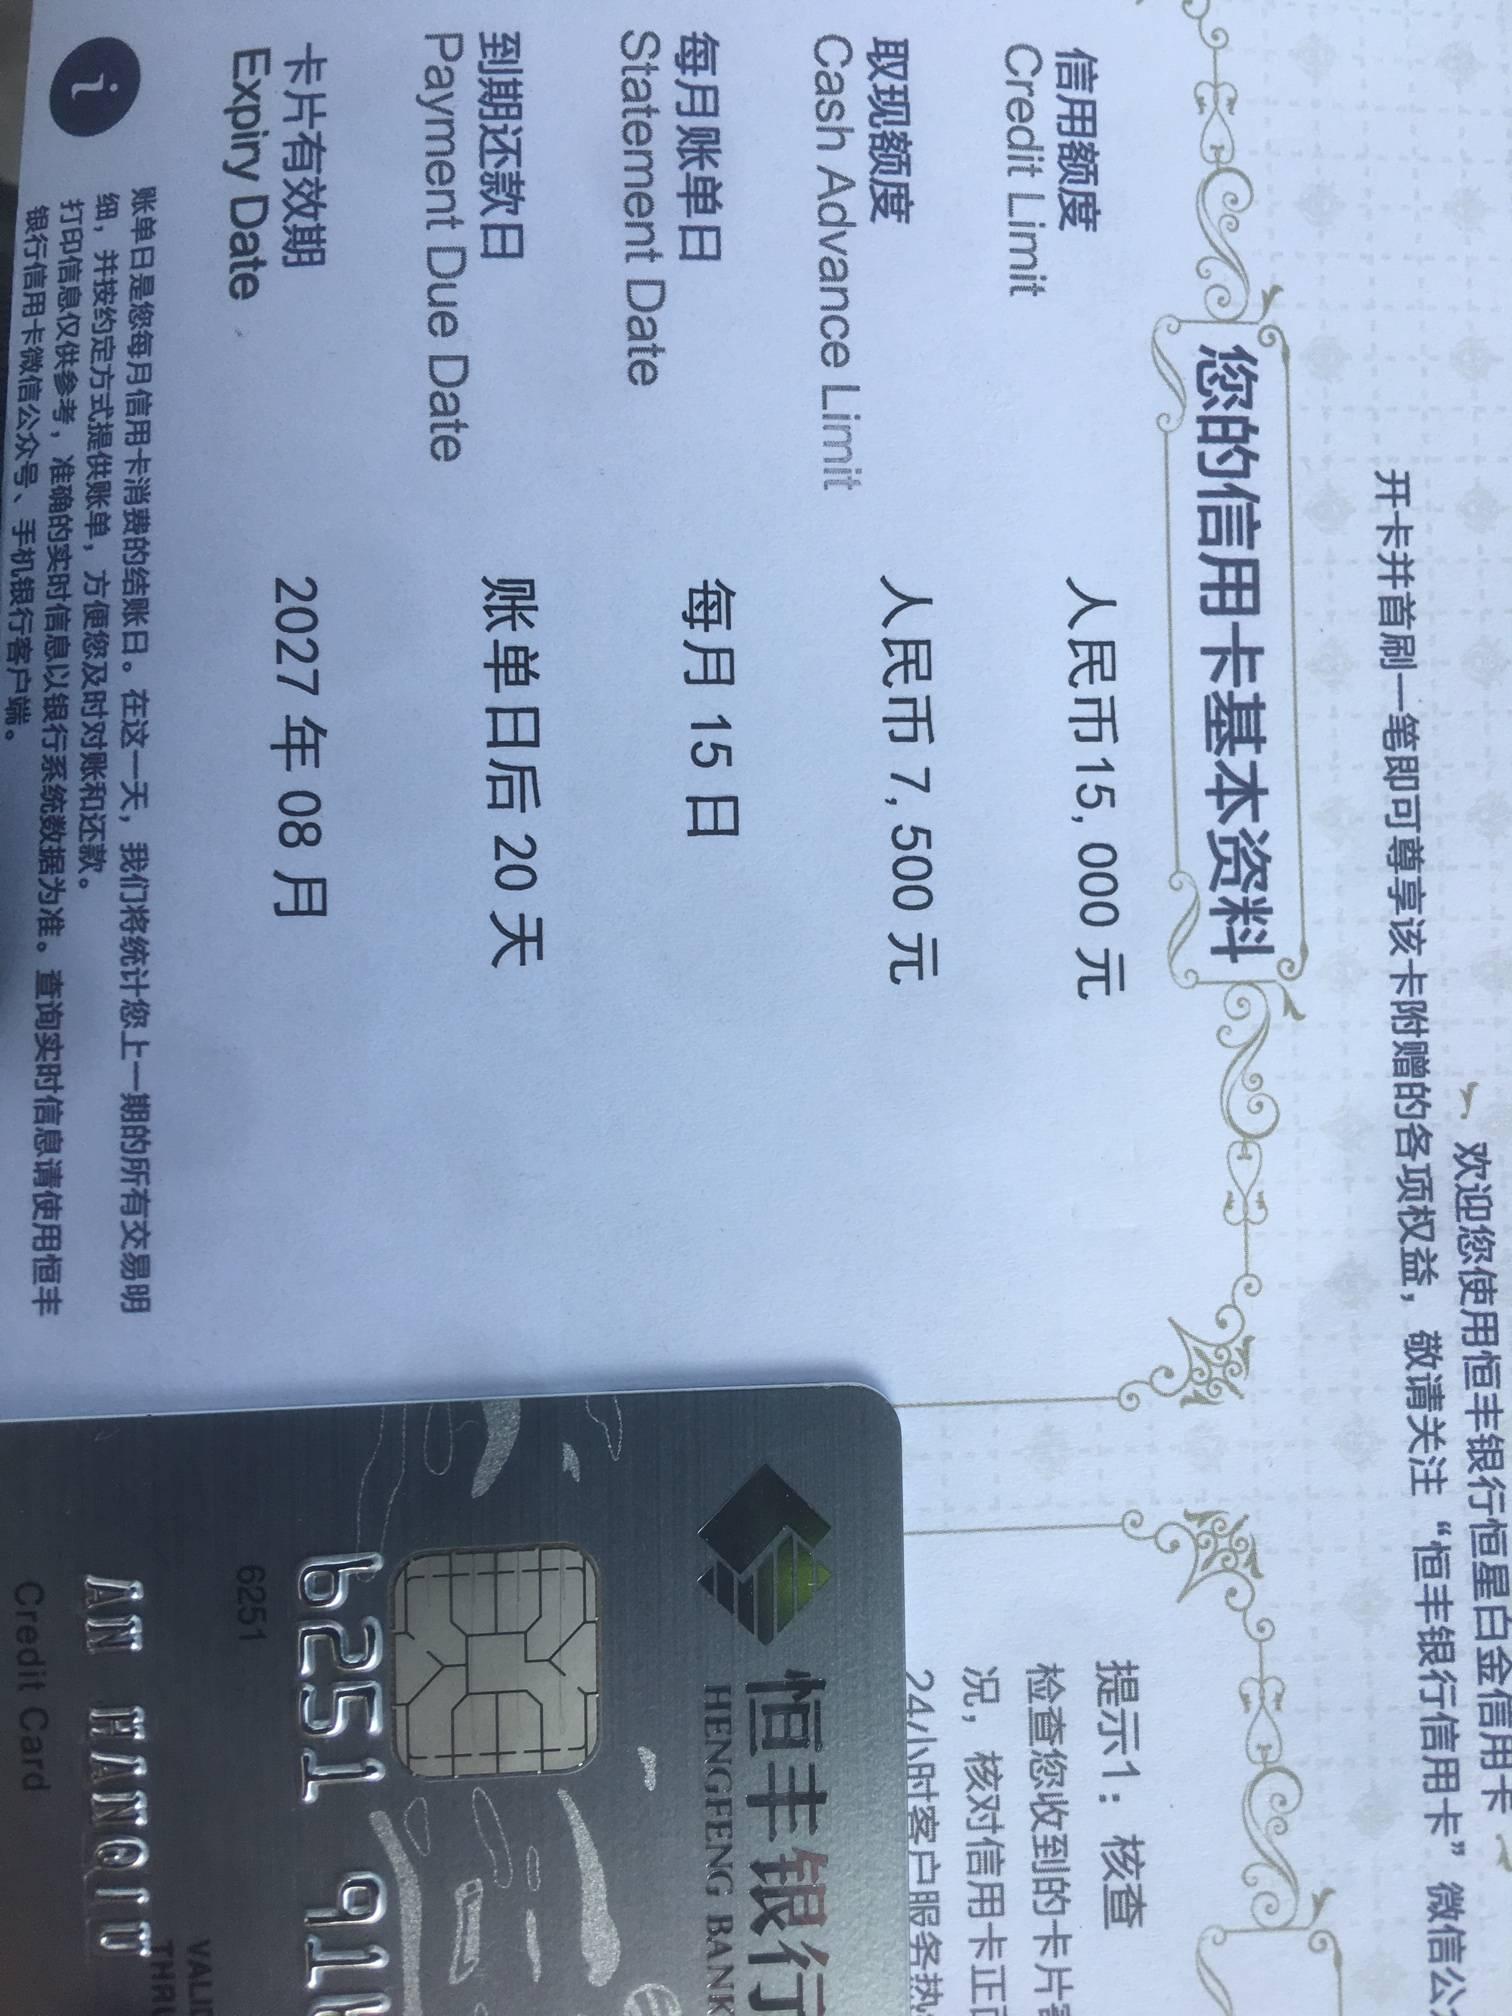 #恒丰ETC#上海地区老哥福利,有车没安装设备的都来...42 / 作者:卡农小蛋 /